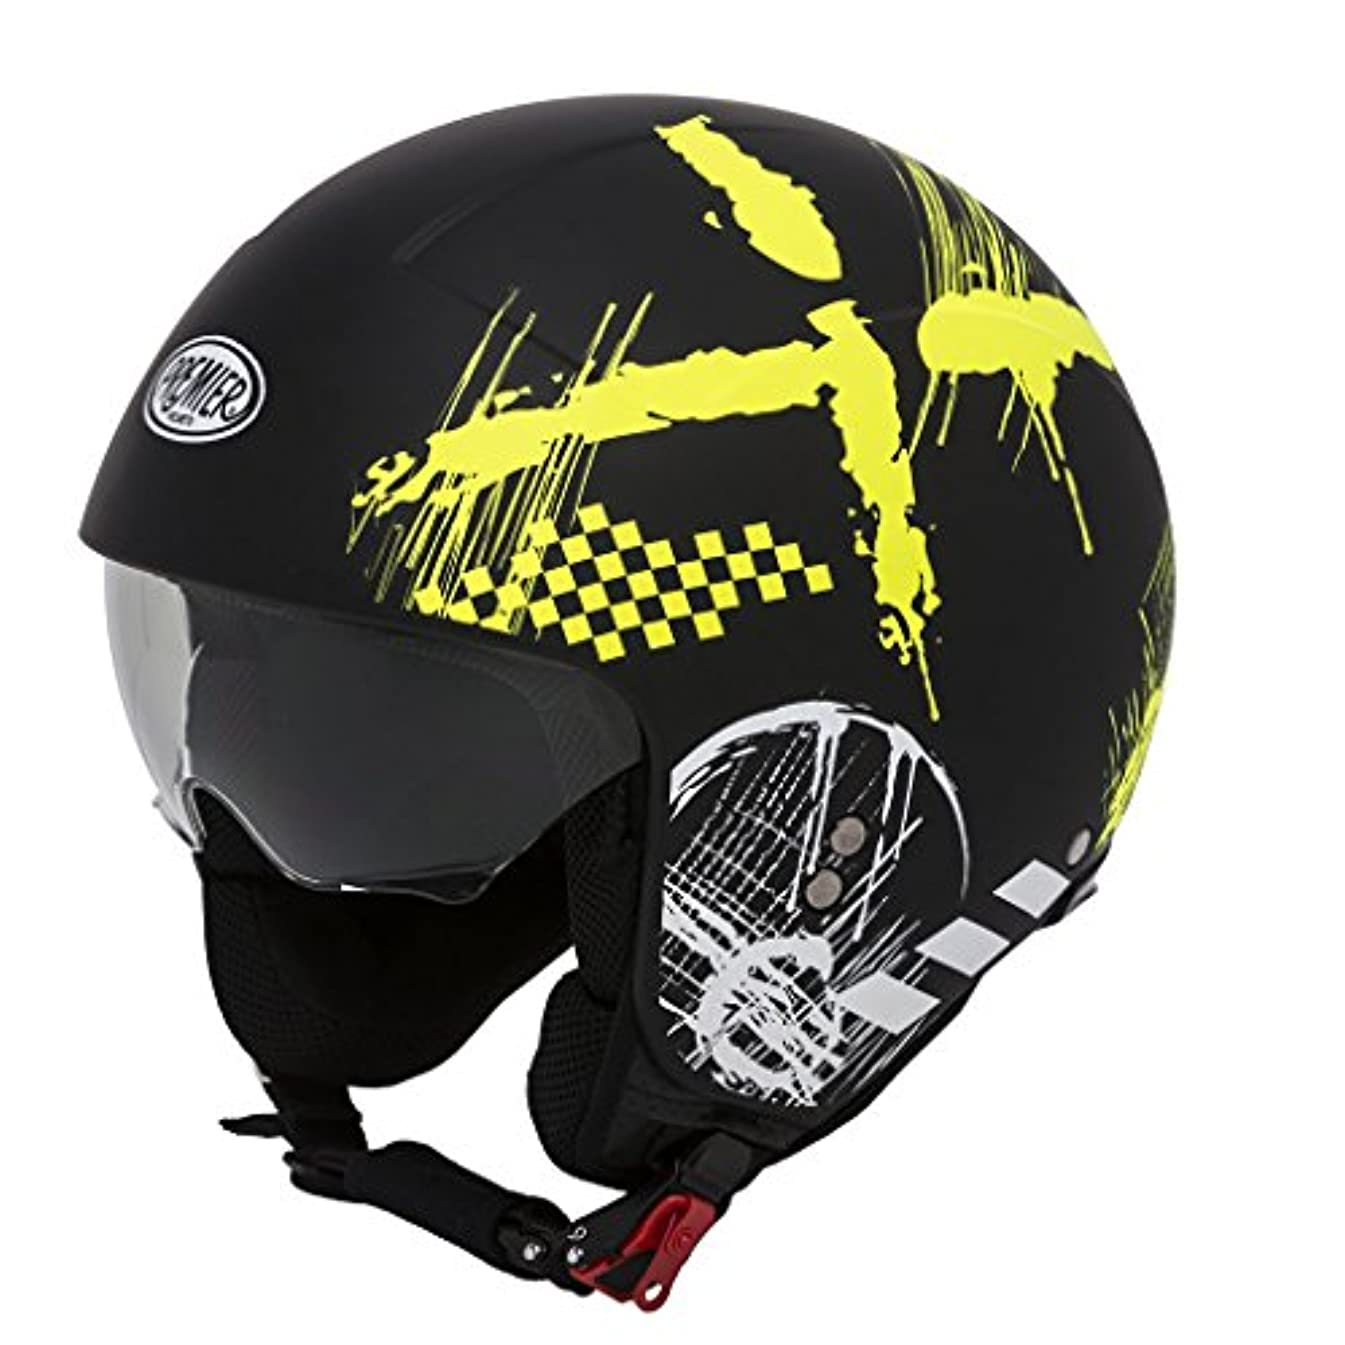 時制対処影響を受けやすいですPREMIER / プレミア ROCKER RXY BM オープンフェイス ヘルメット, サイズ : M